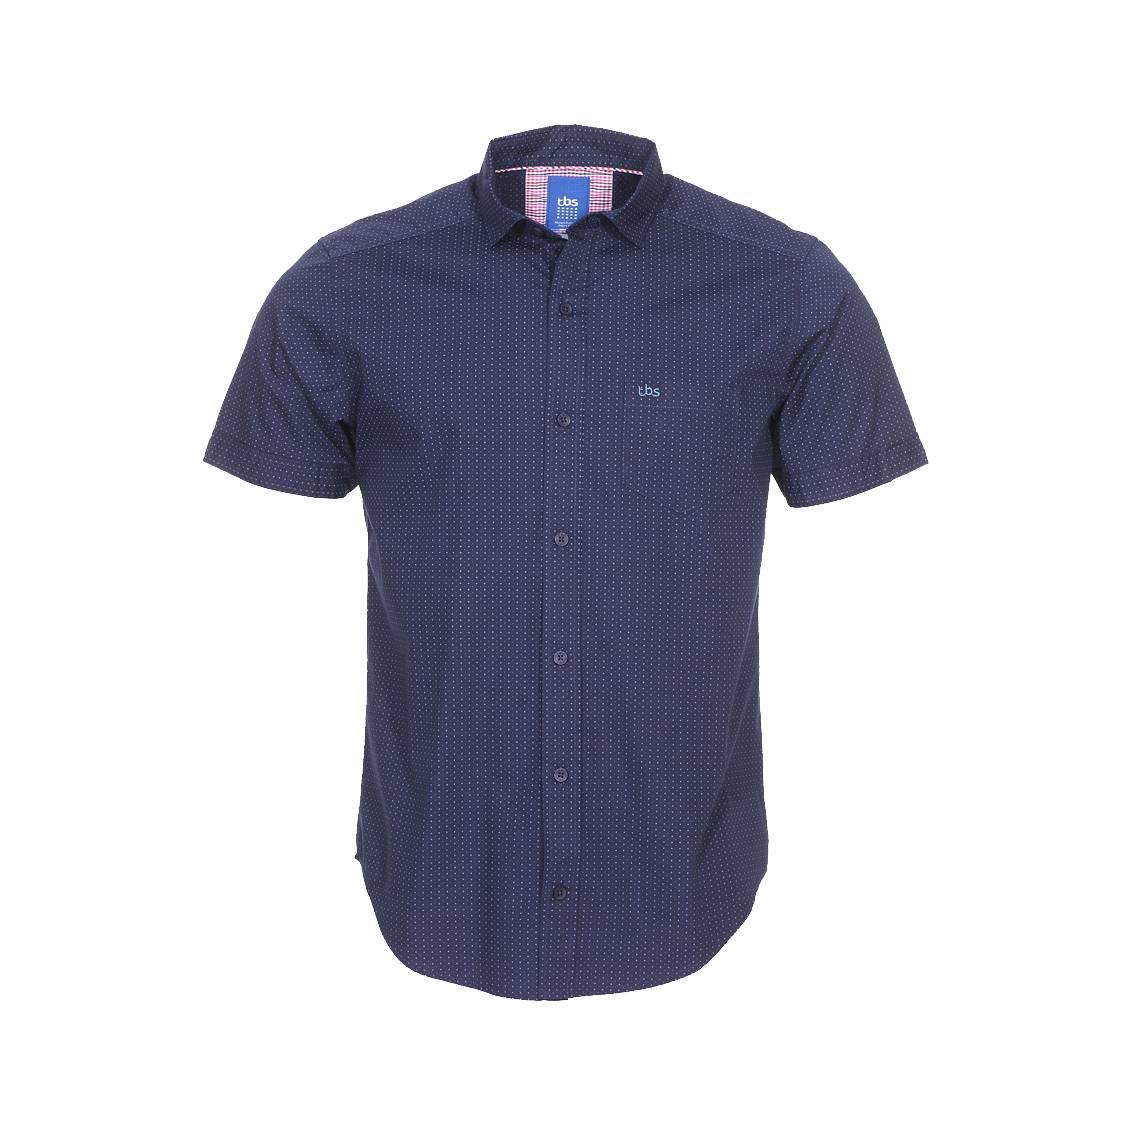 Chemise manches courtes fobchemi  en coton bleu marine à motifs étoiles bleu clair